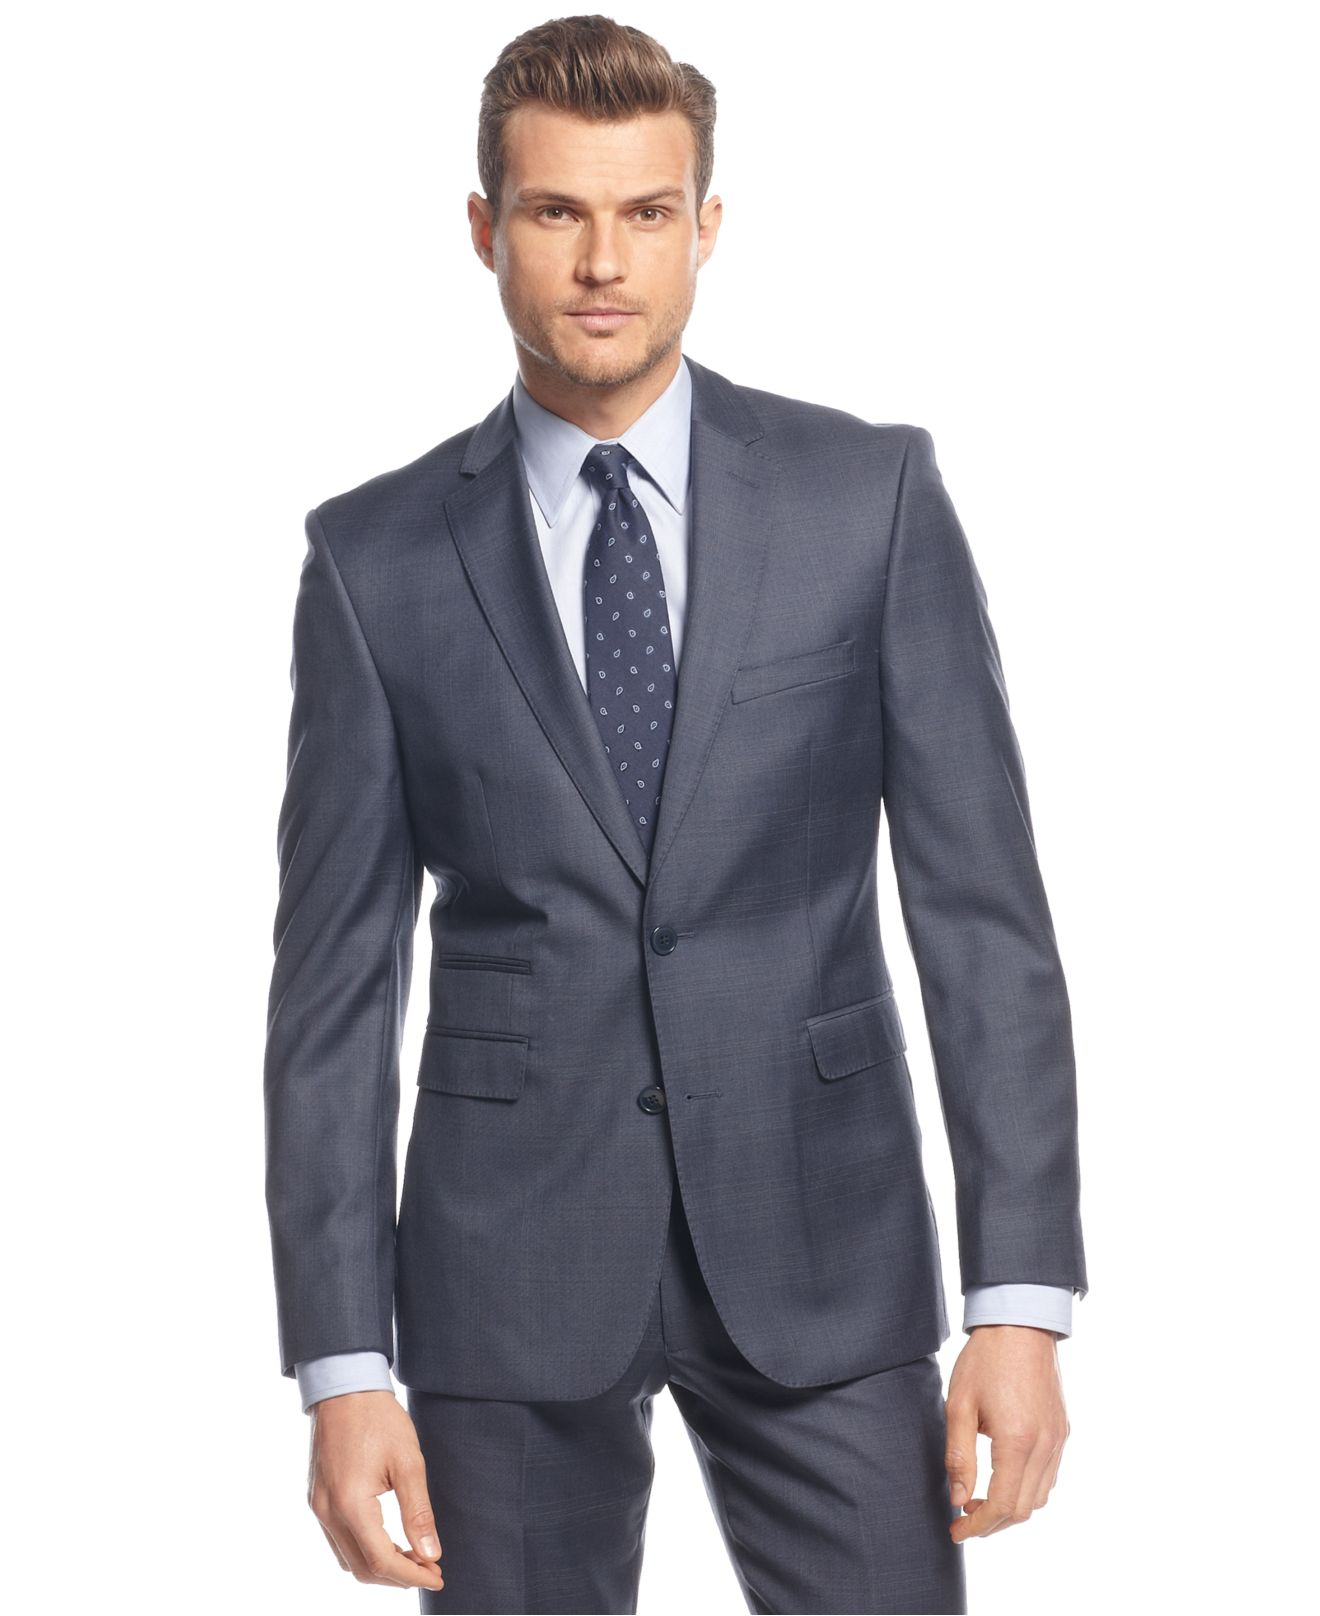 Vince camuto Mid-Blue Subtle Plaid Slim-Fit Suit in Blue for Men